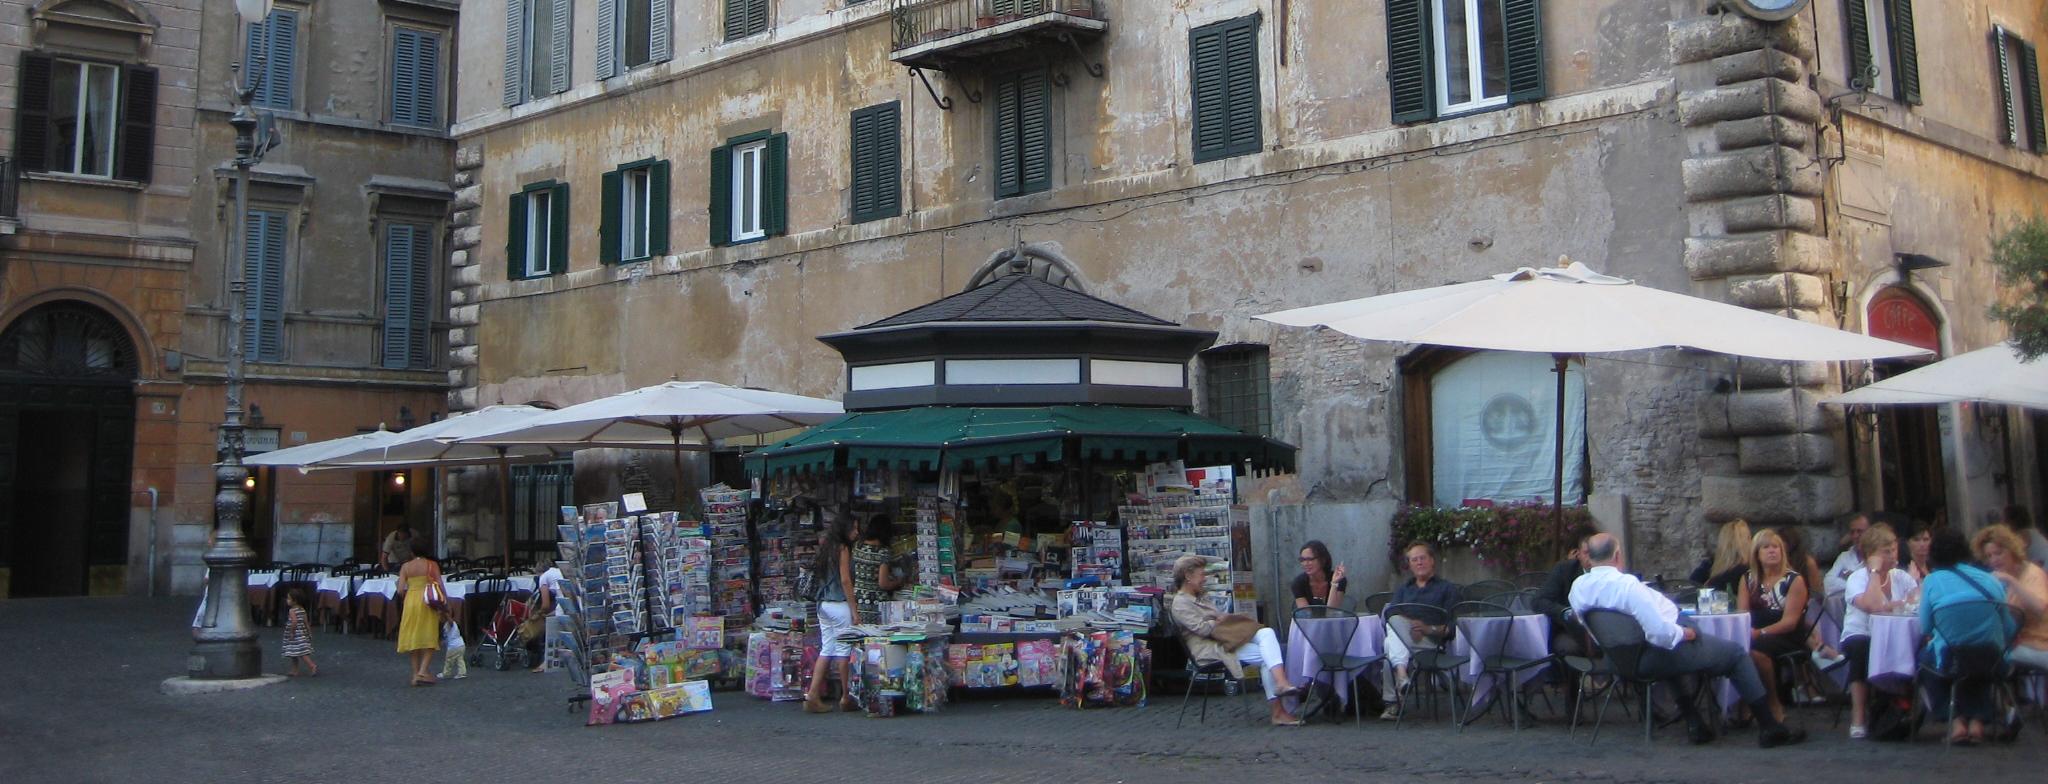 Learn italian on line studentessa matta italian culture italian